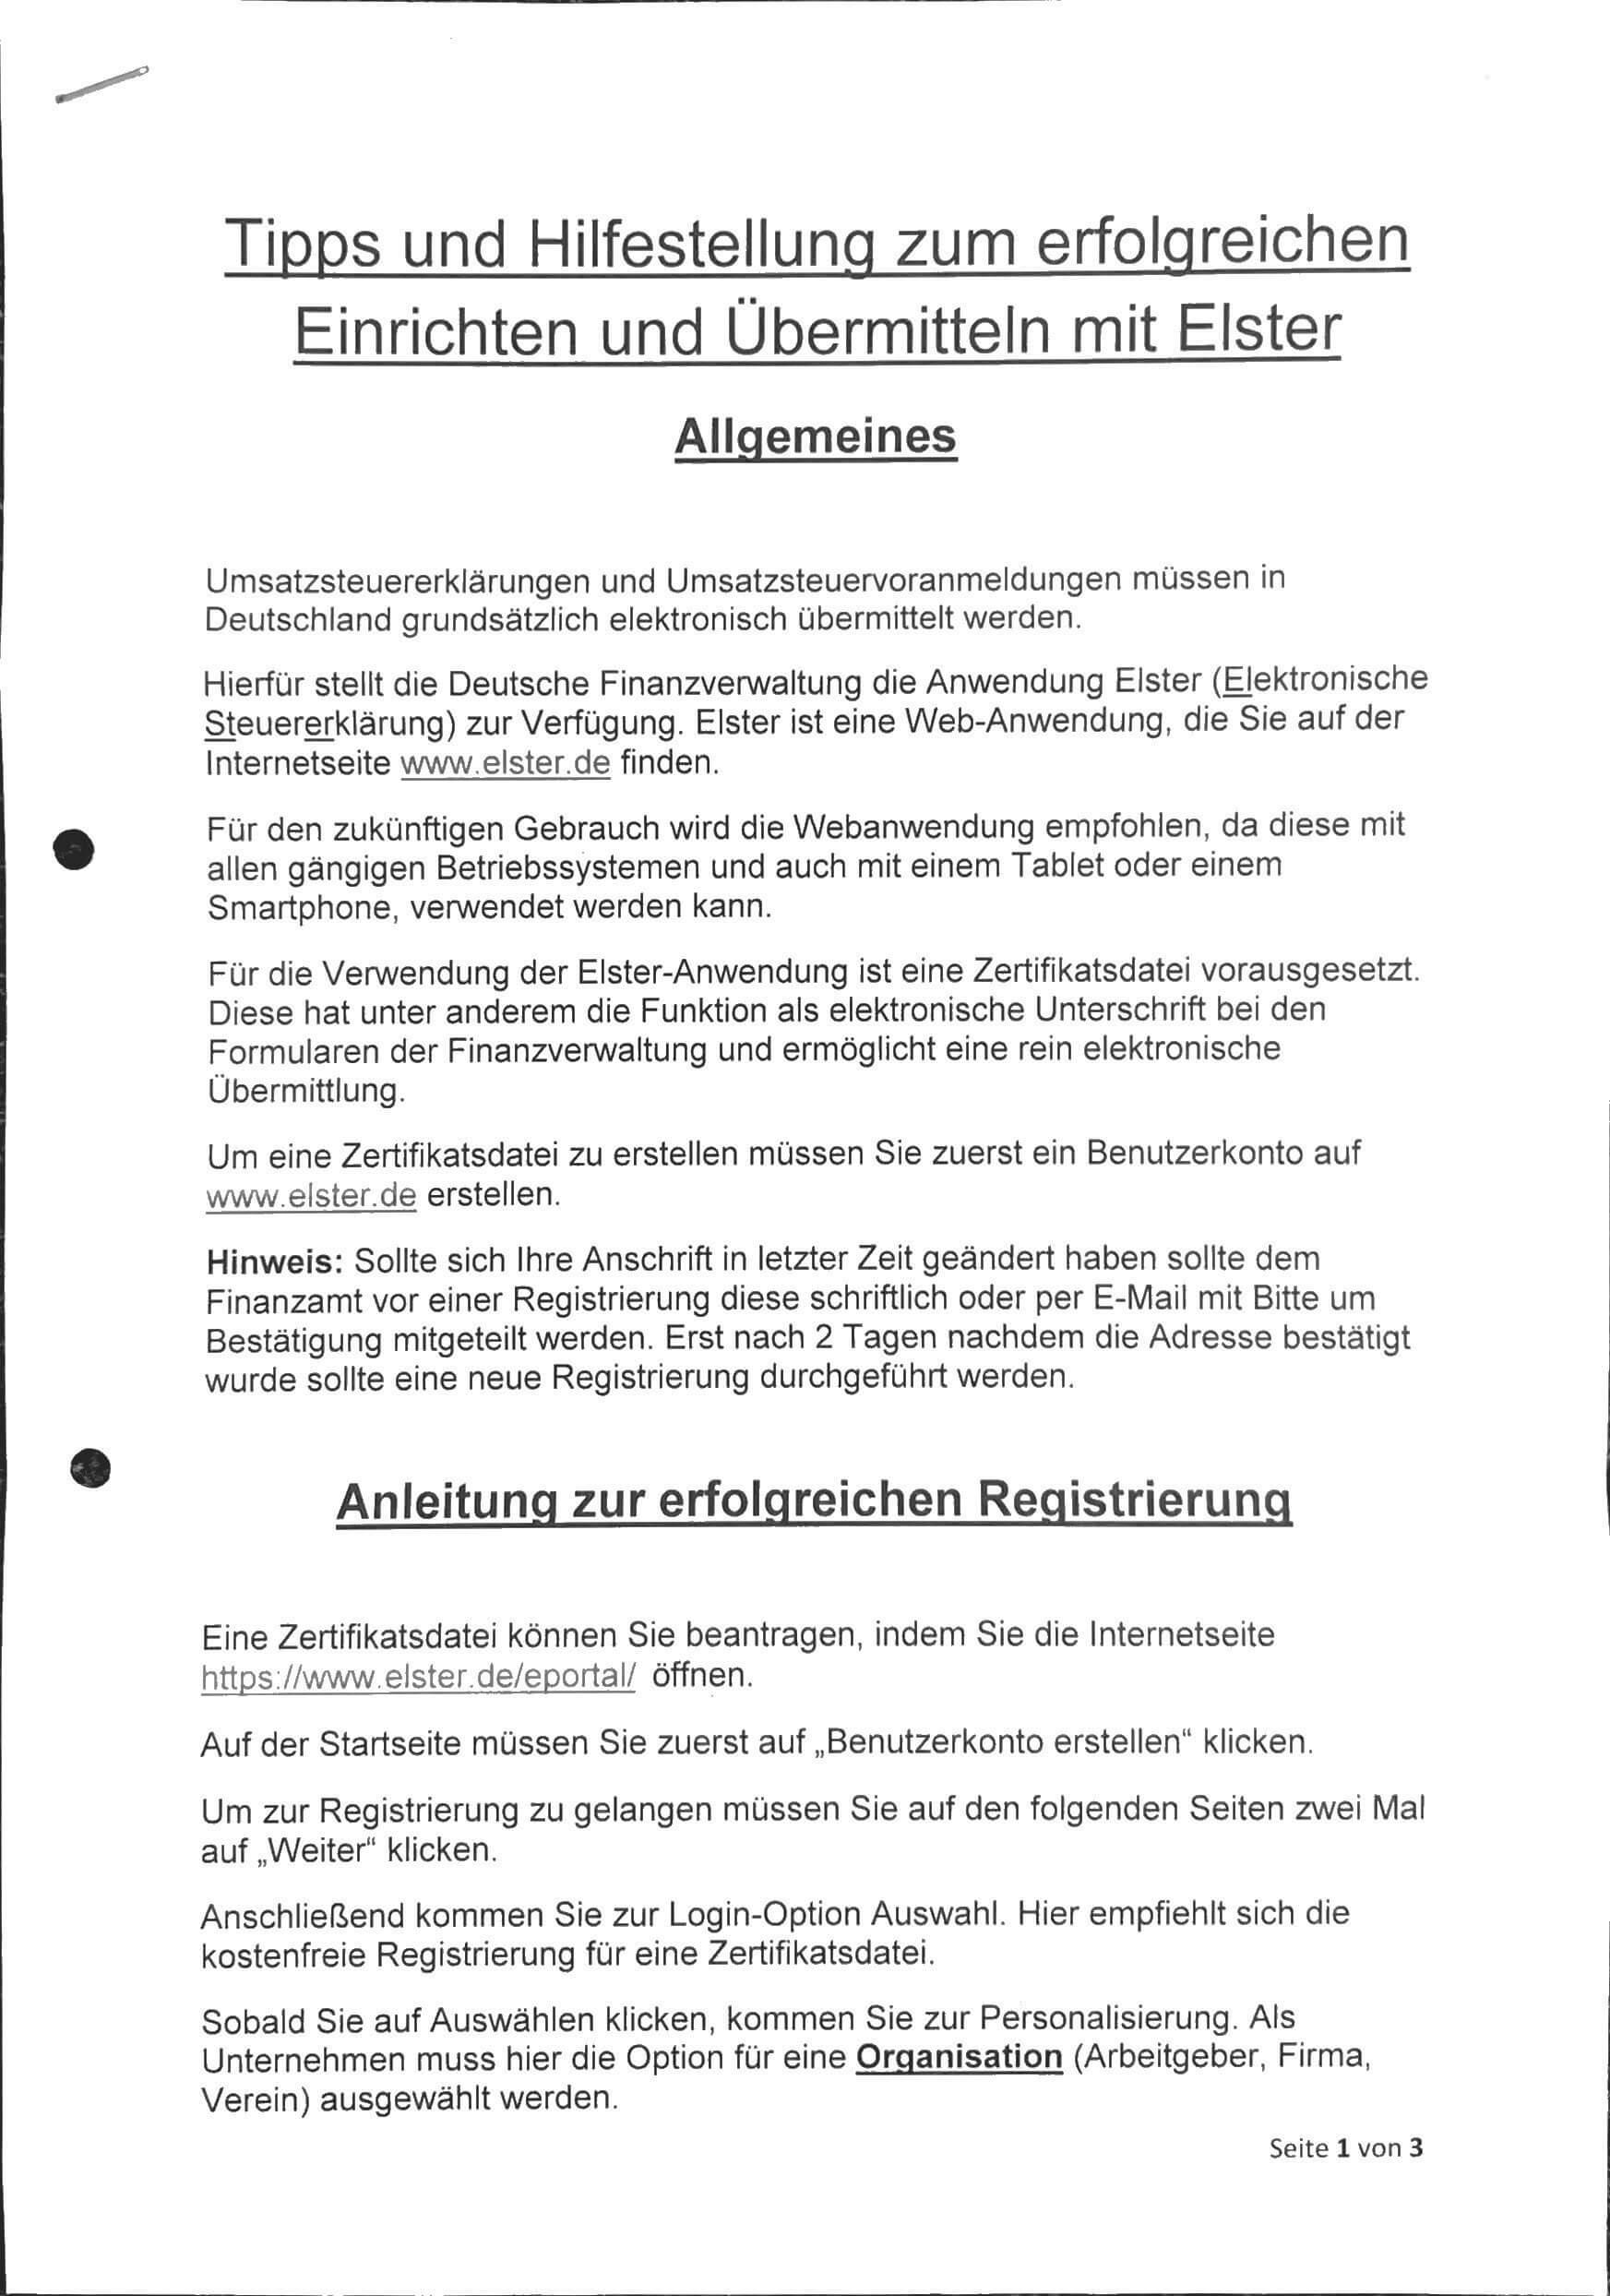 Tips voor Elster Duitsland